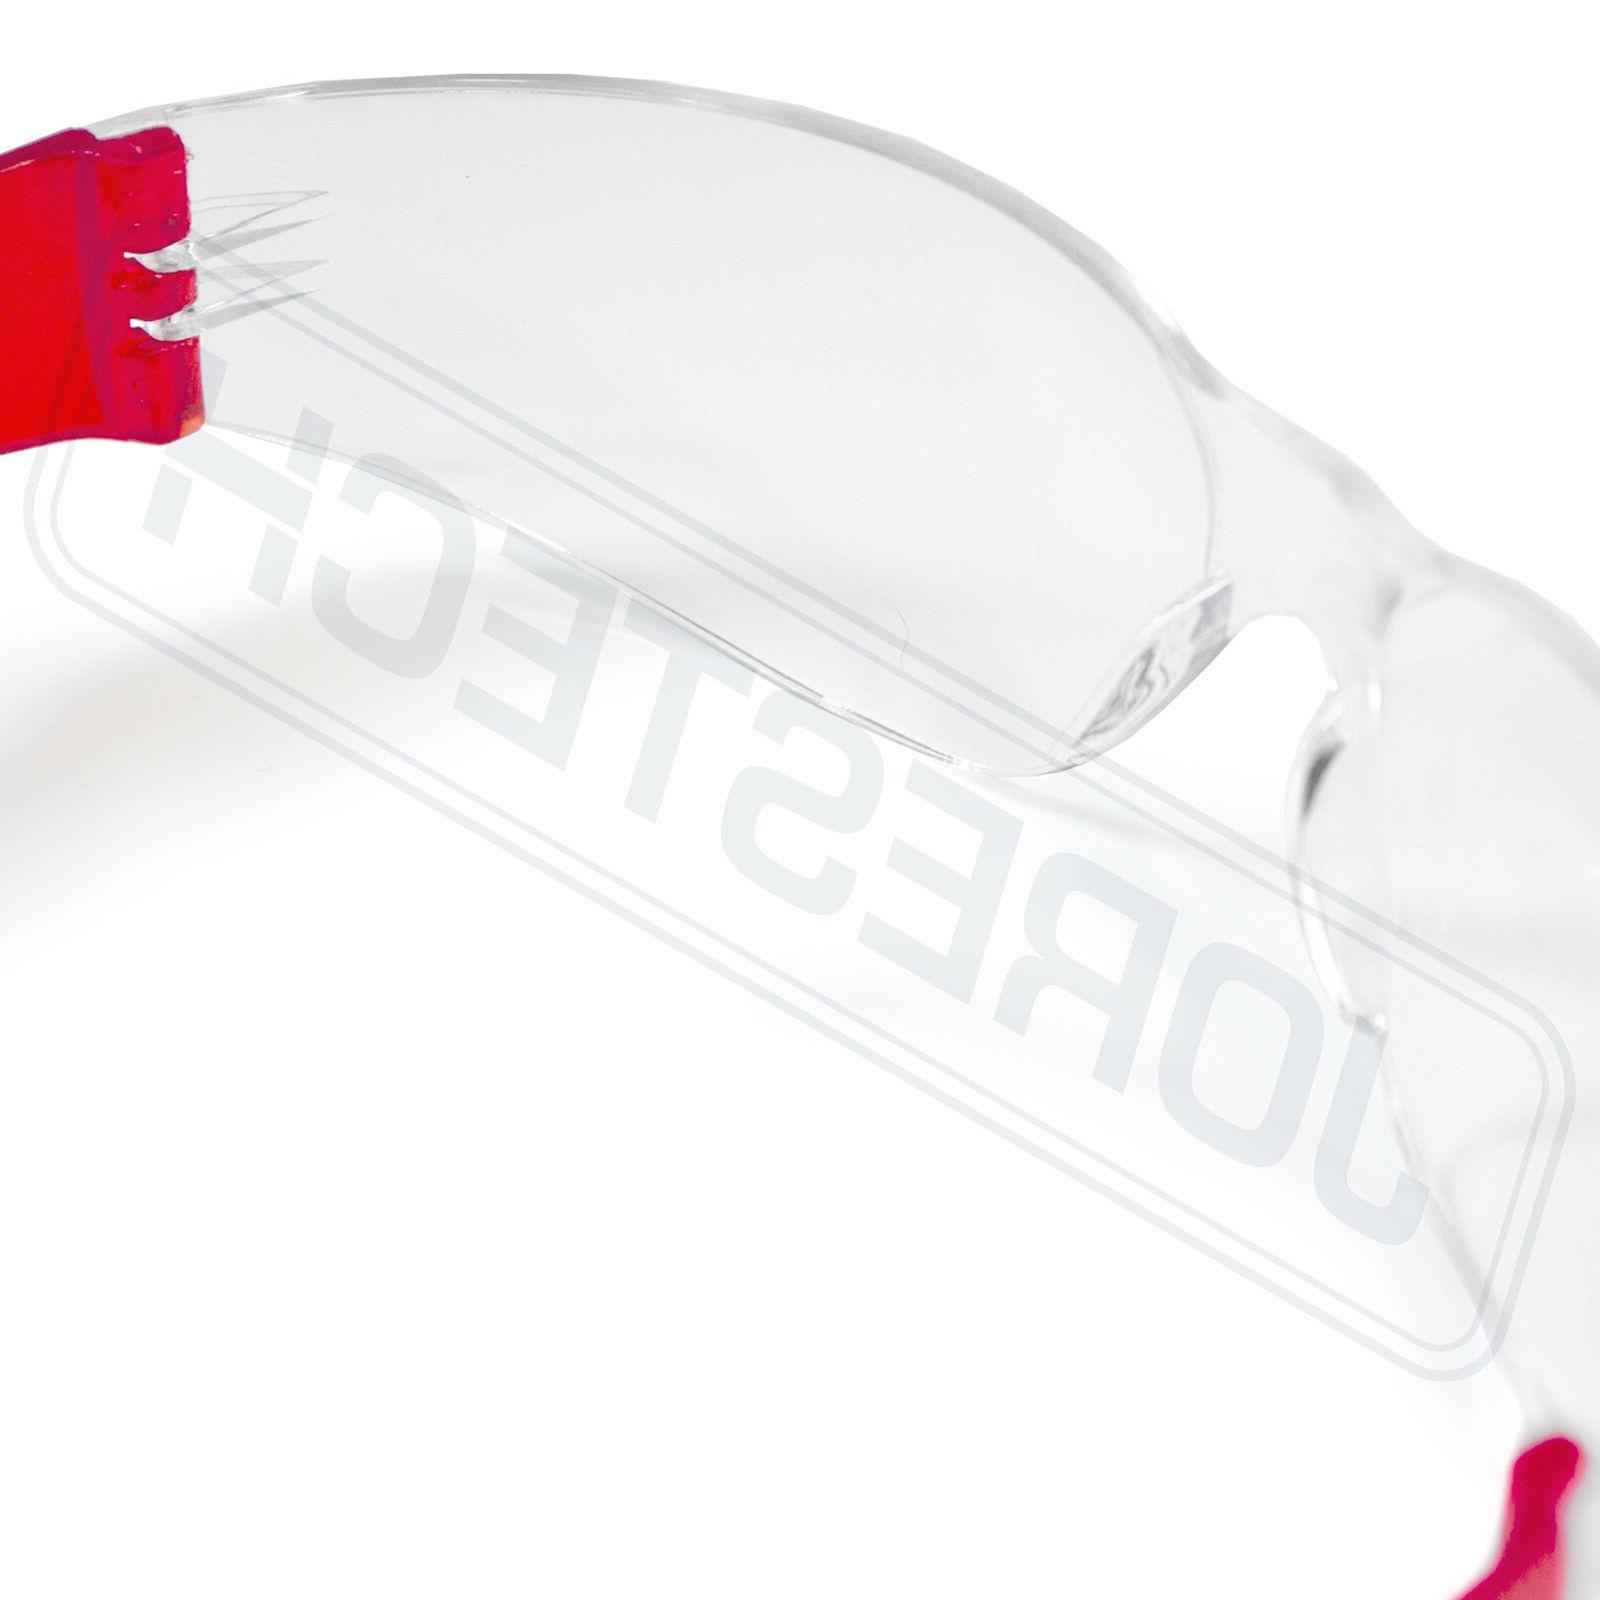 JORESTECH clear Glasses Sunglasses Z87+